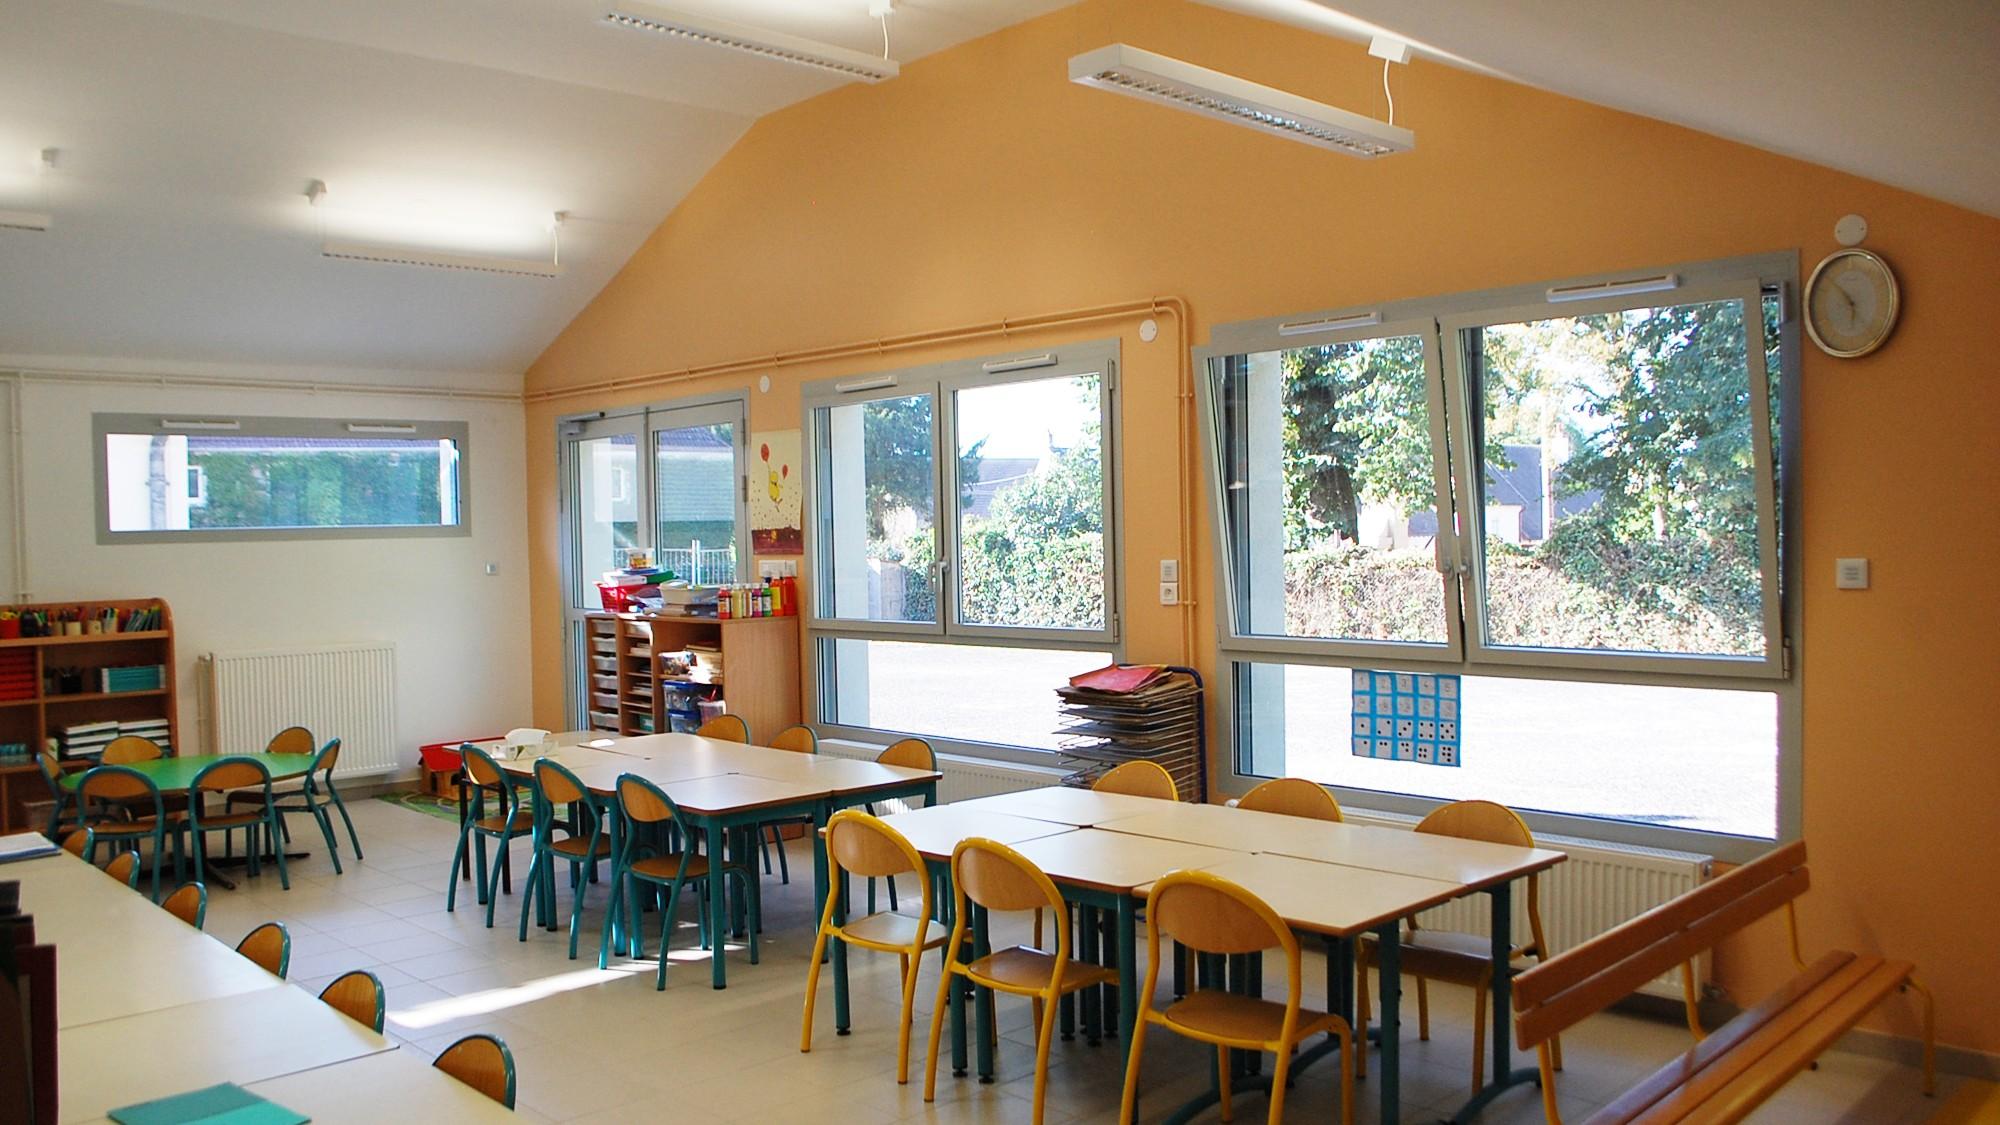 Оформление столовой в детском саду